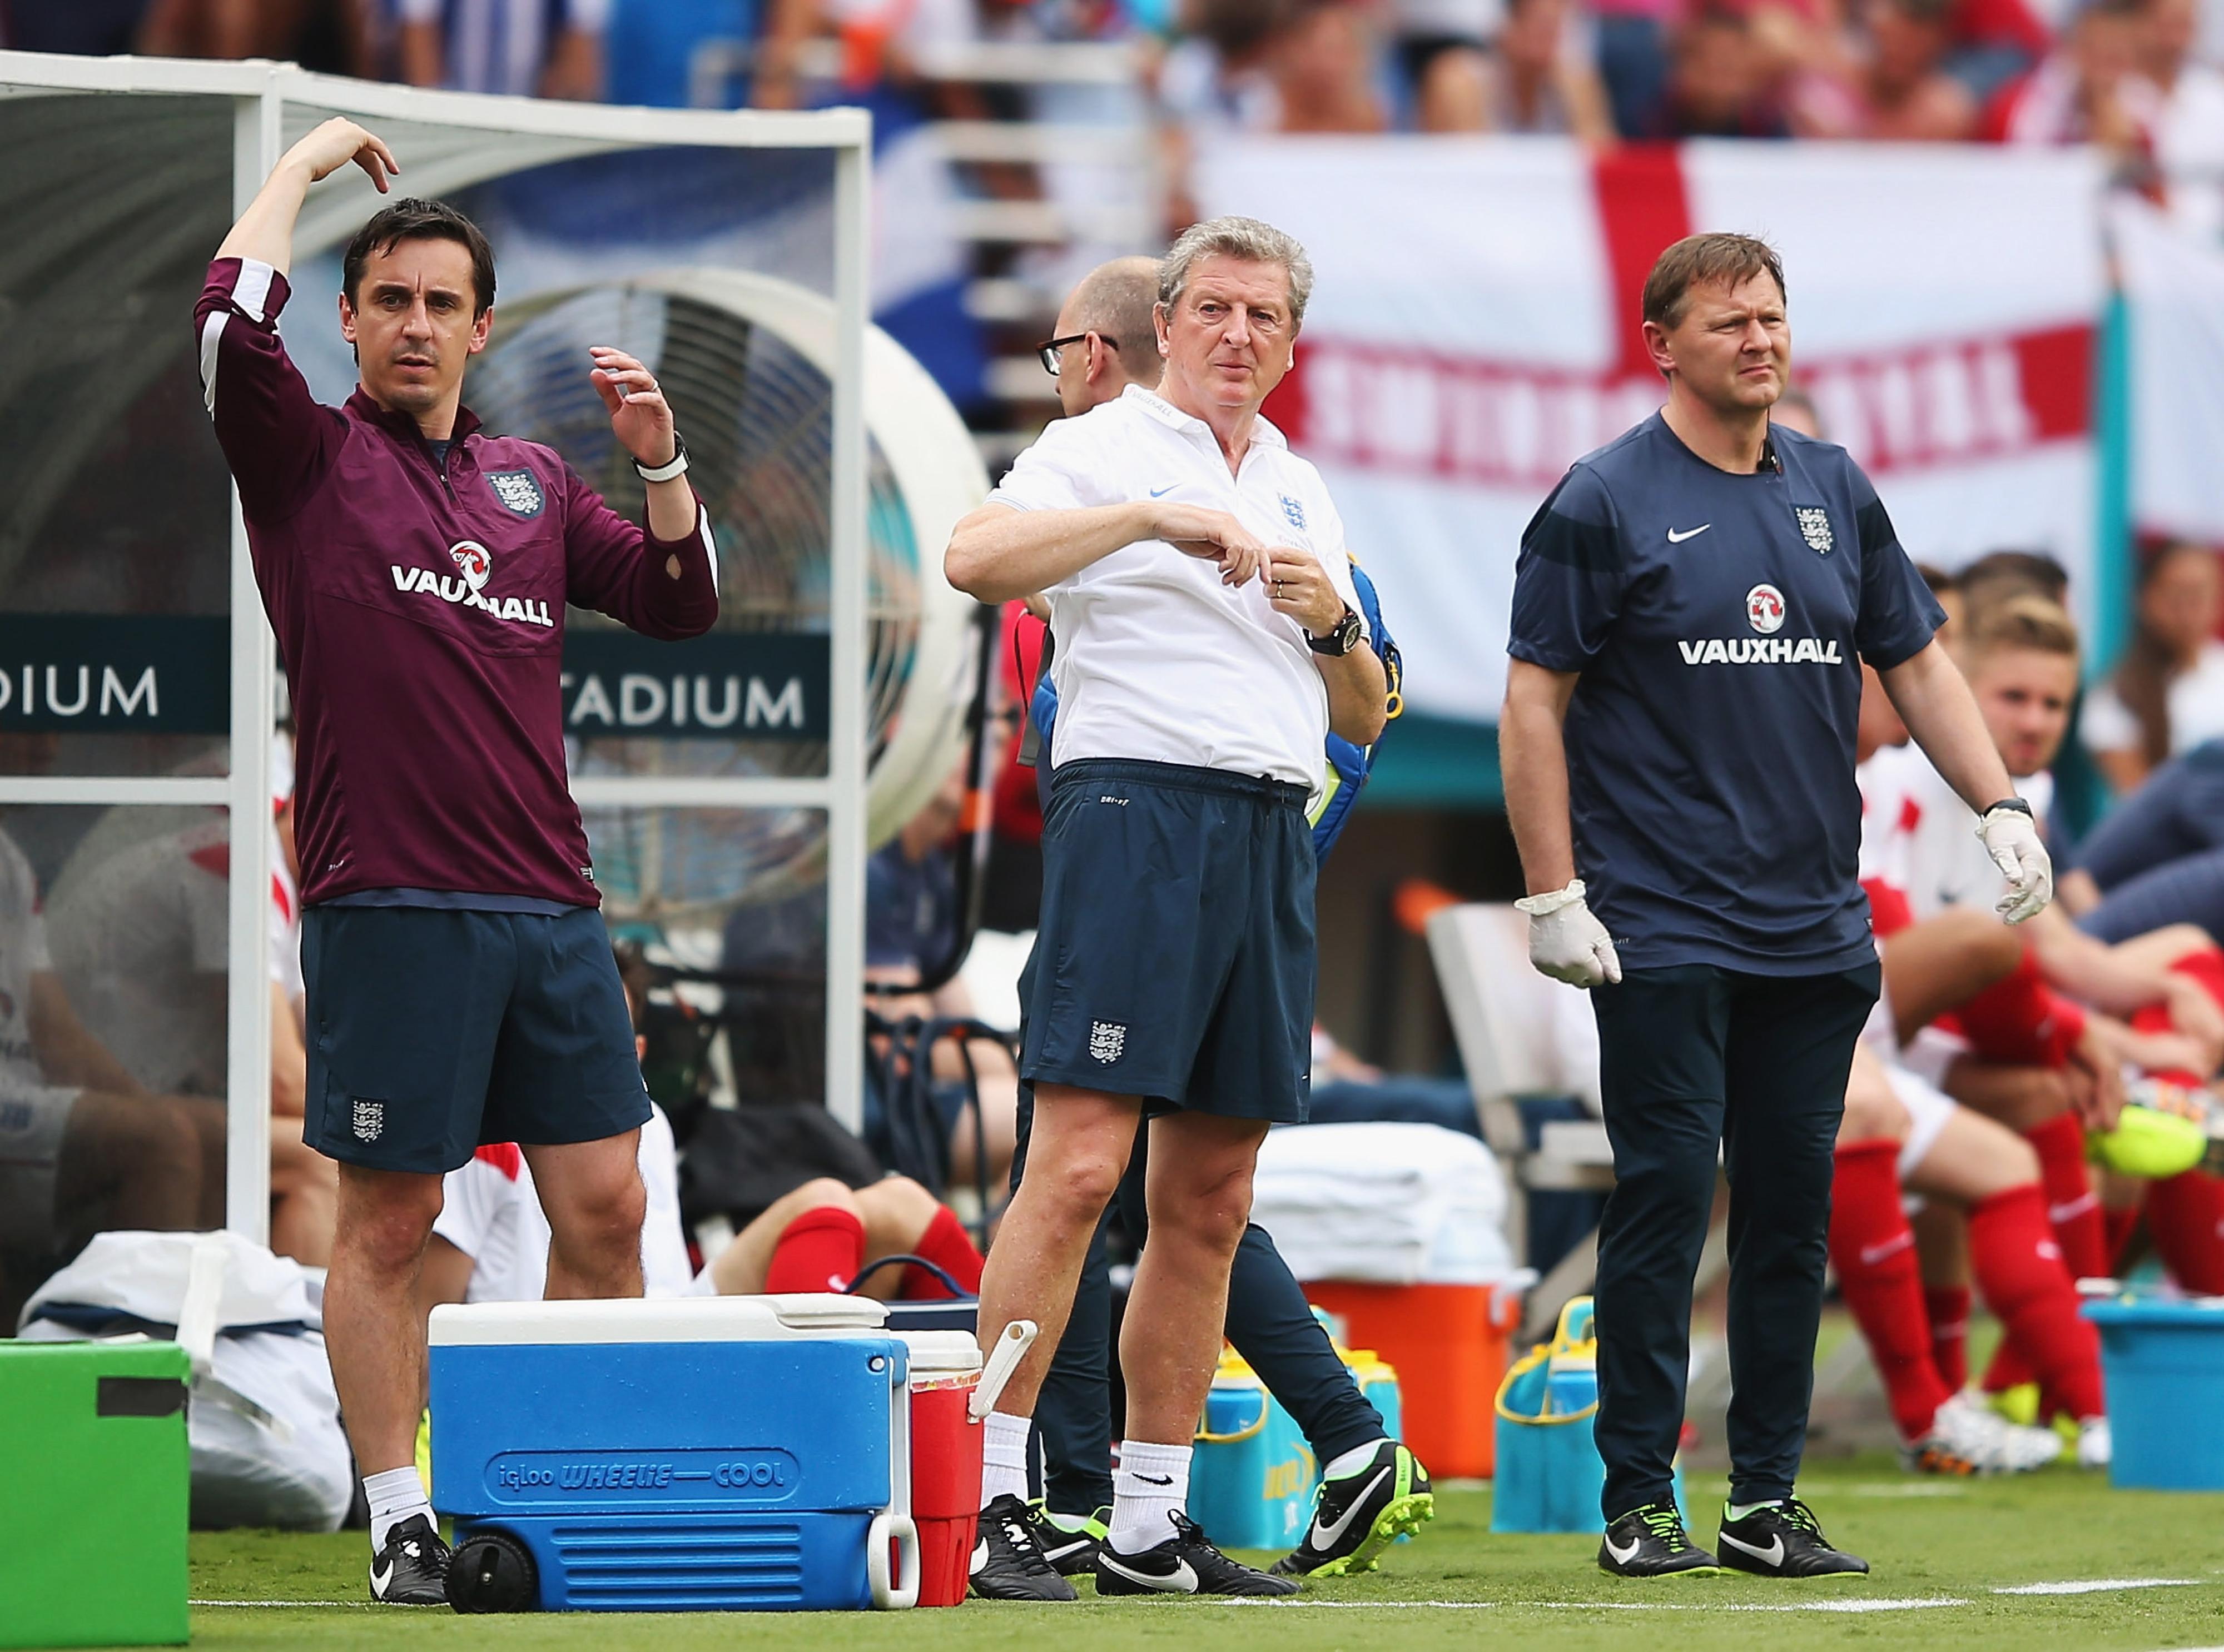 England physio Gary Lewin injured celebrating goal